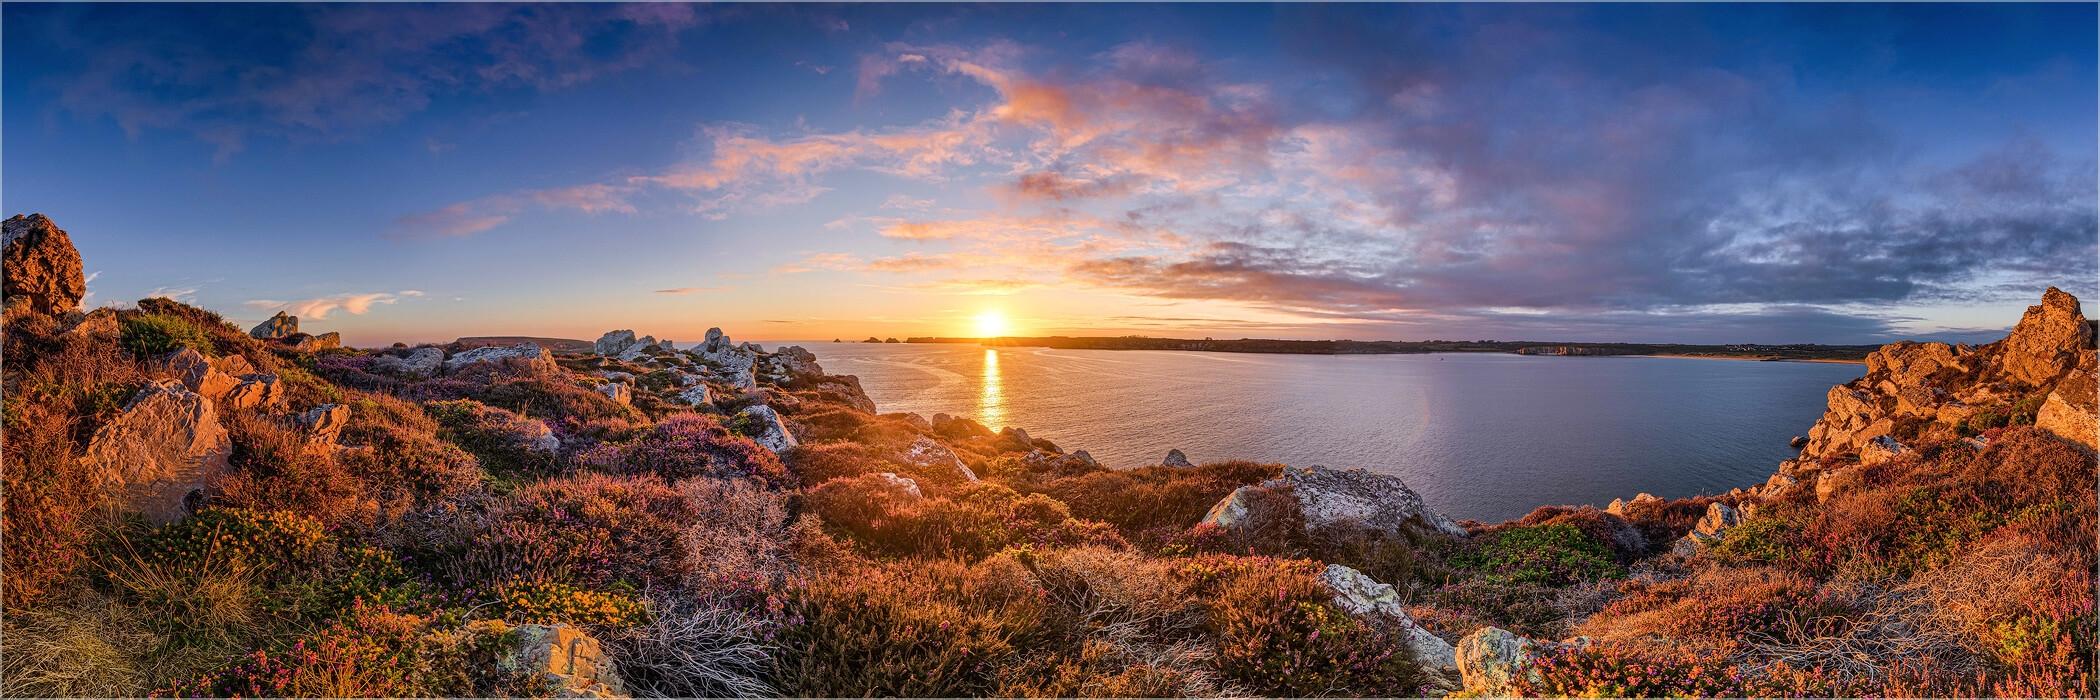 Panoramabild Sonnenuntergang Bretagne Pointe De Dinan